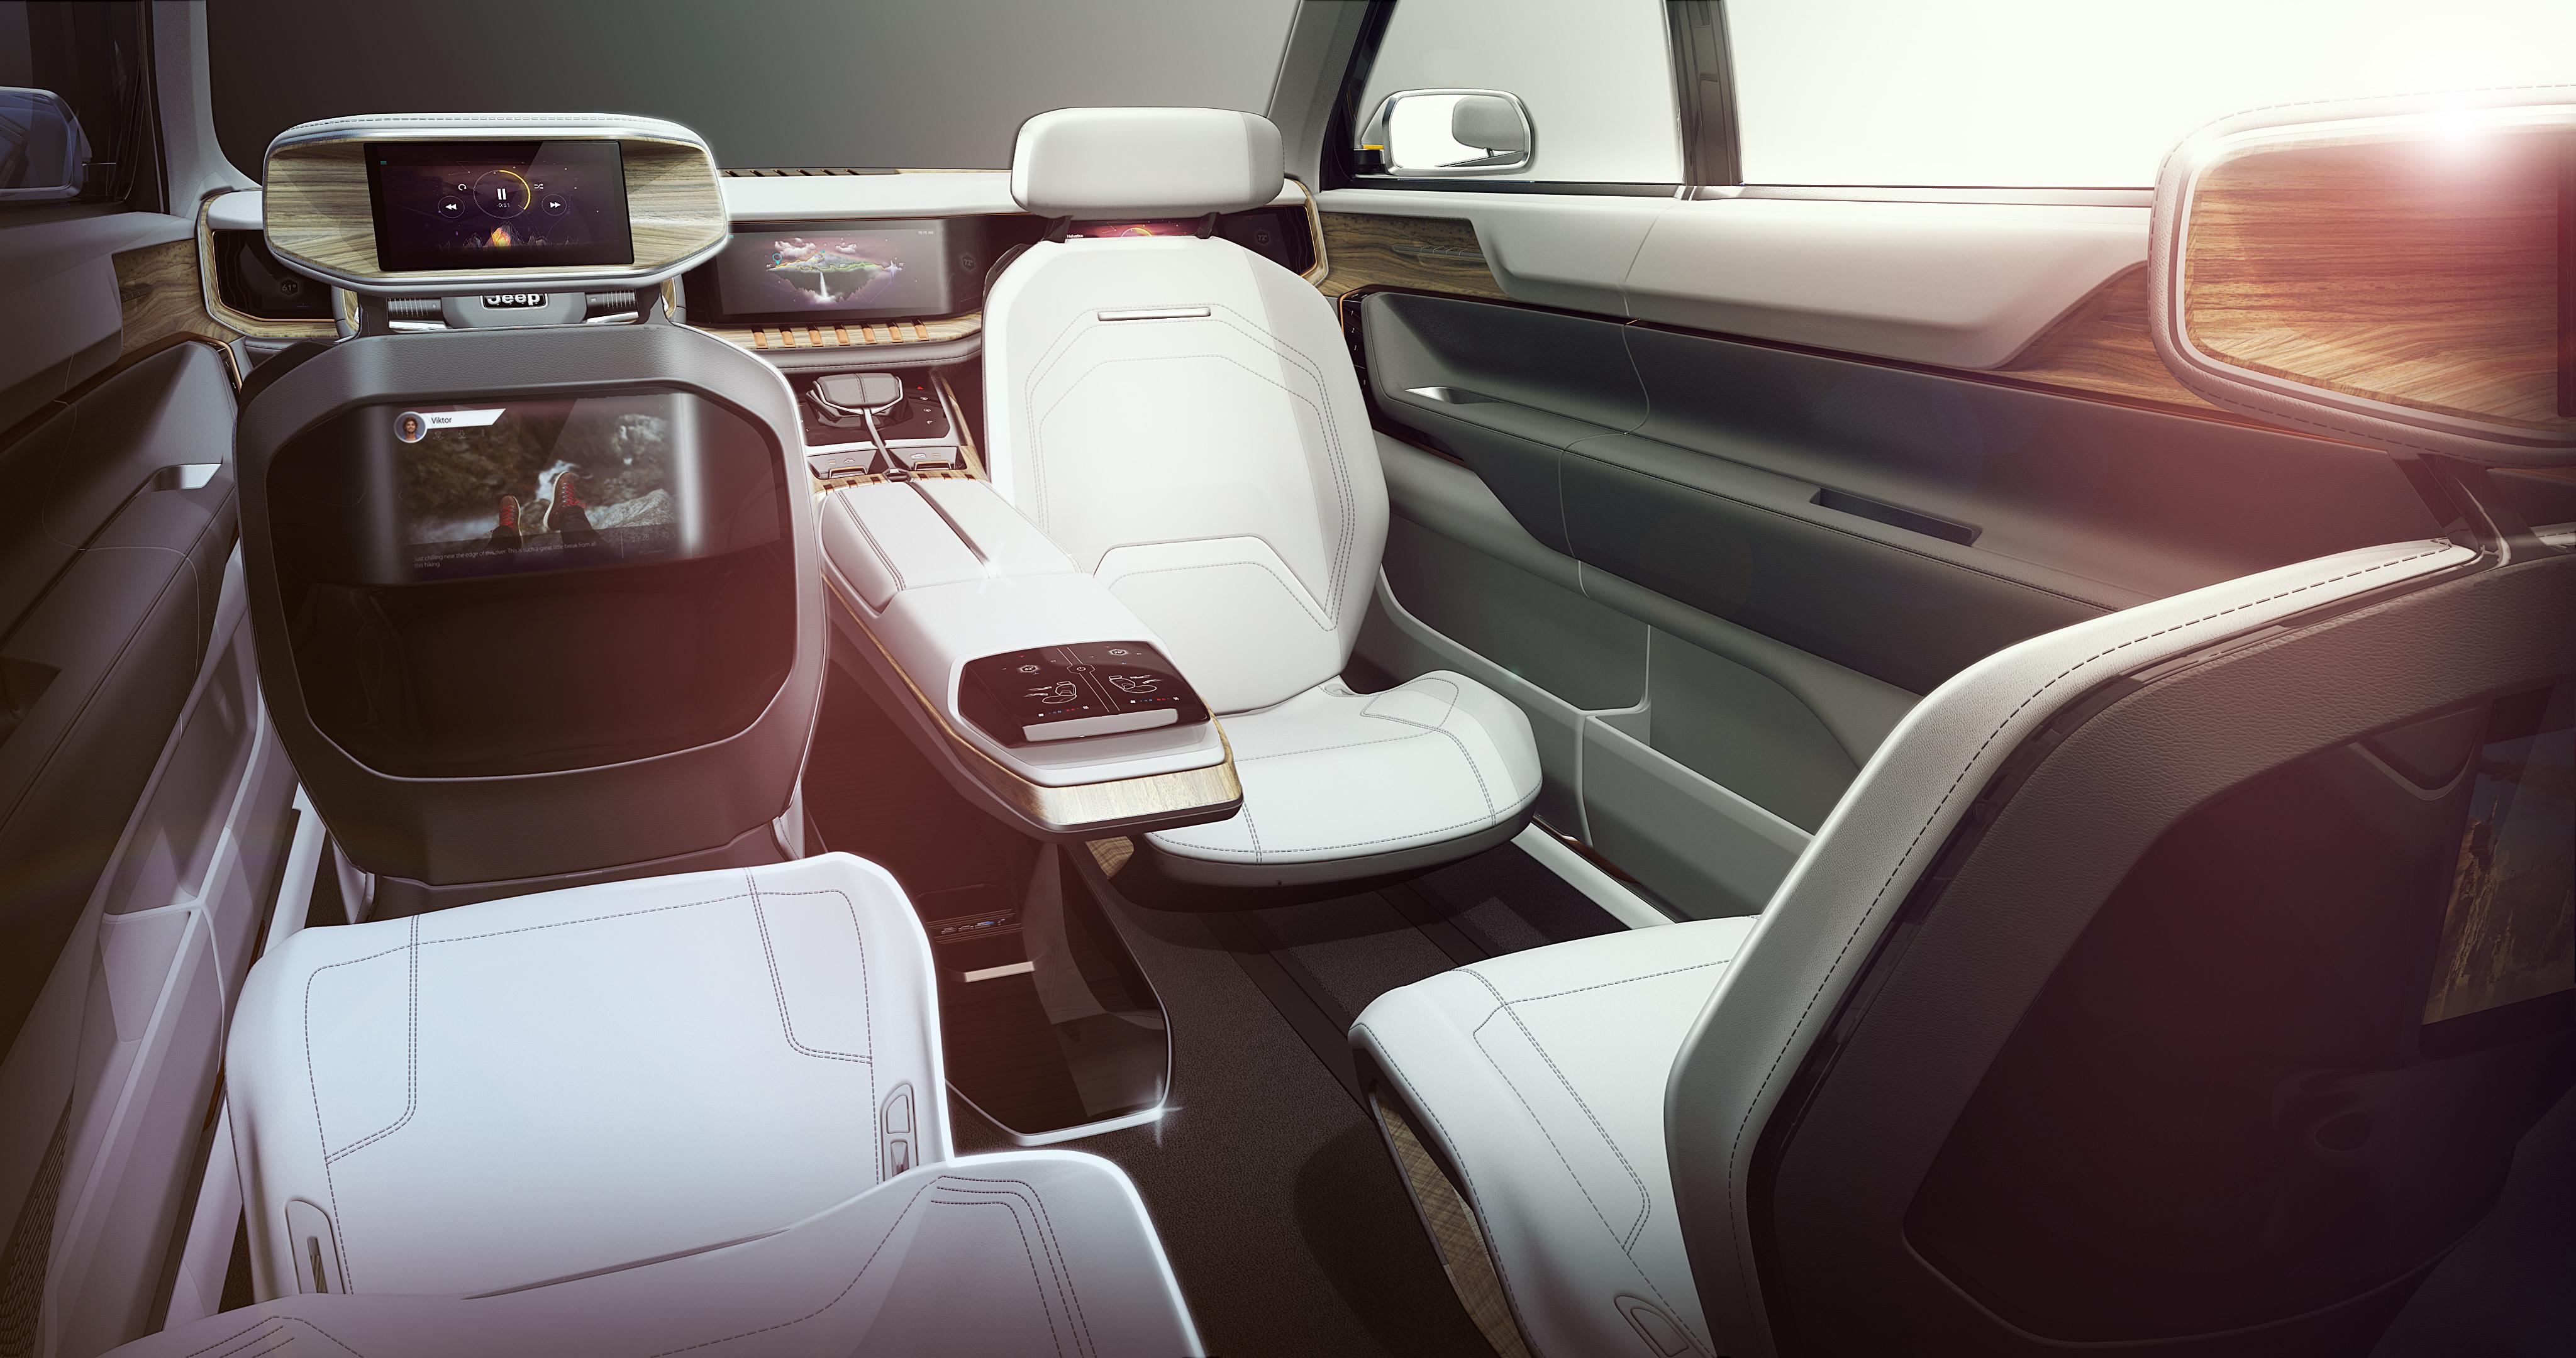 2017 Jeep Yuntu Concepts